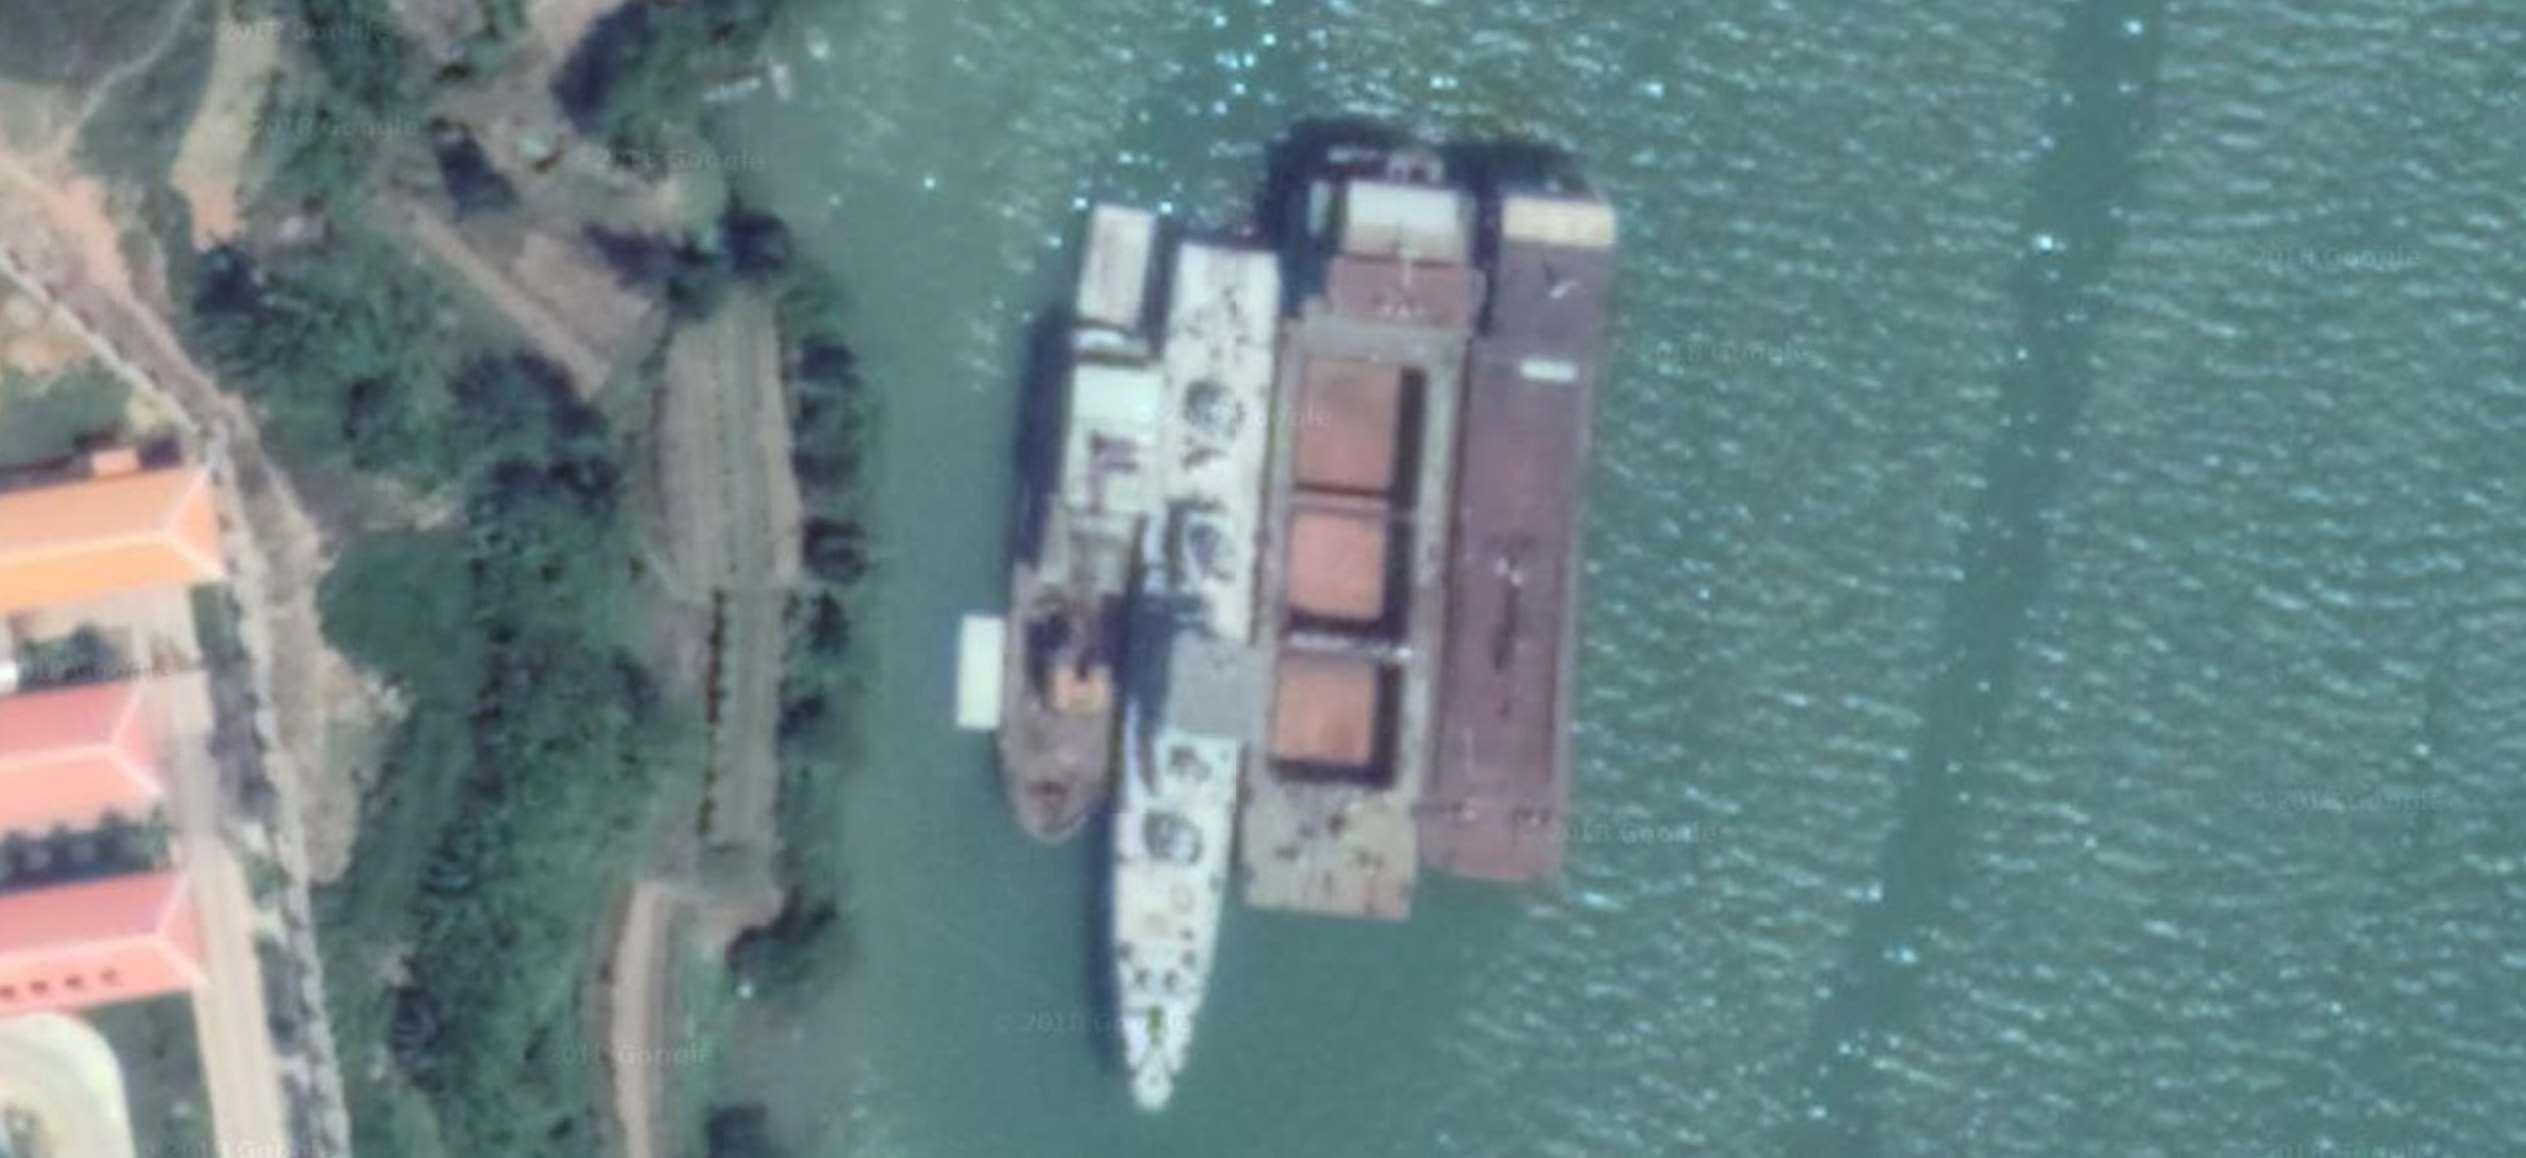 037猎潜艇-620-清原-柳州市军事博物园(目前拖离原码头)-1.jpg